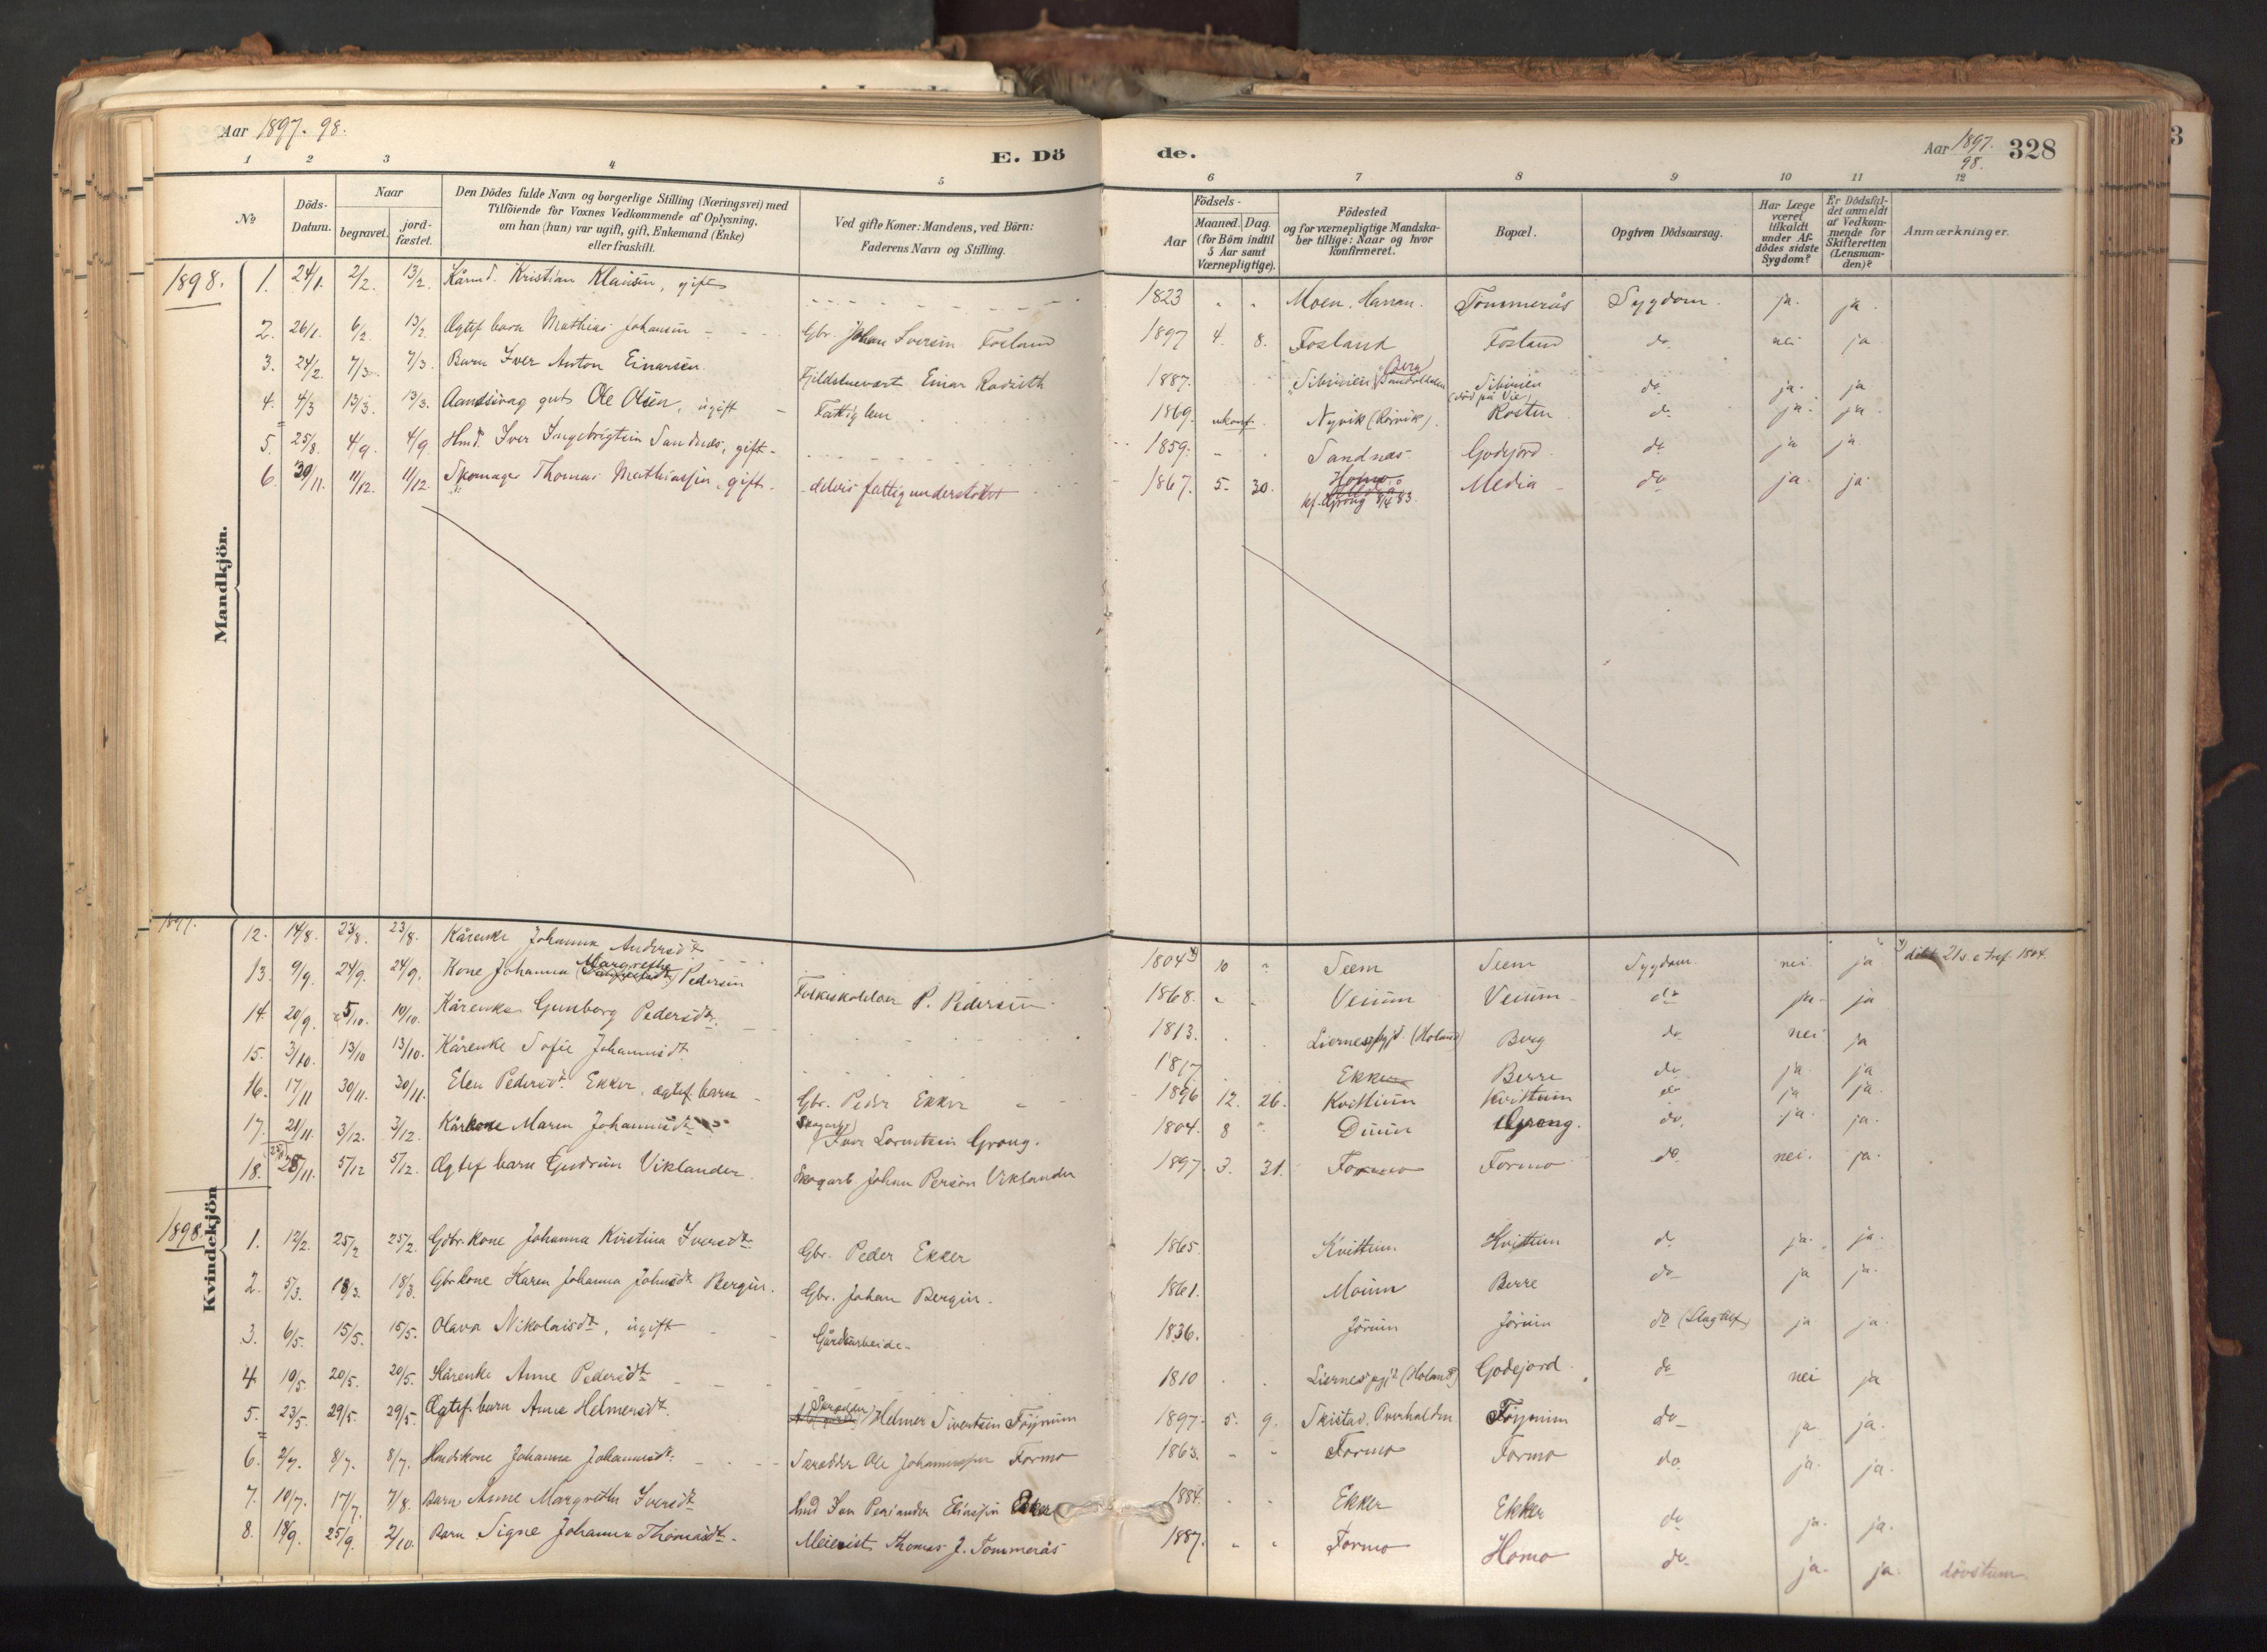 SAT, Ministerialprotokoller, klokkerbøker og fødselsregistre - Nord-Trøndelag, 758/L0519: Ministerialbok nr. 758A04, 1880-1926, s. 328